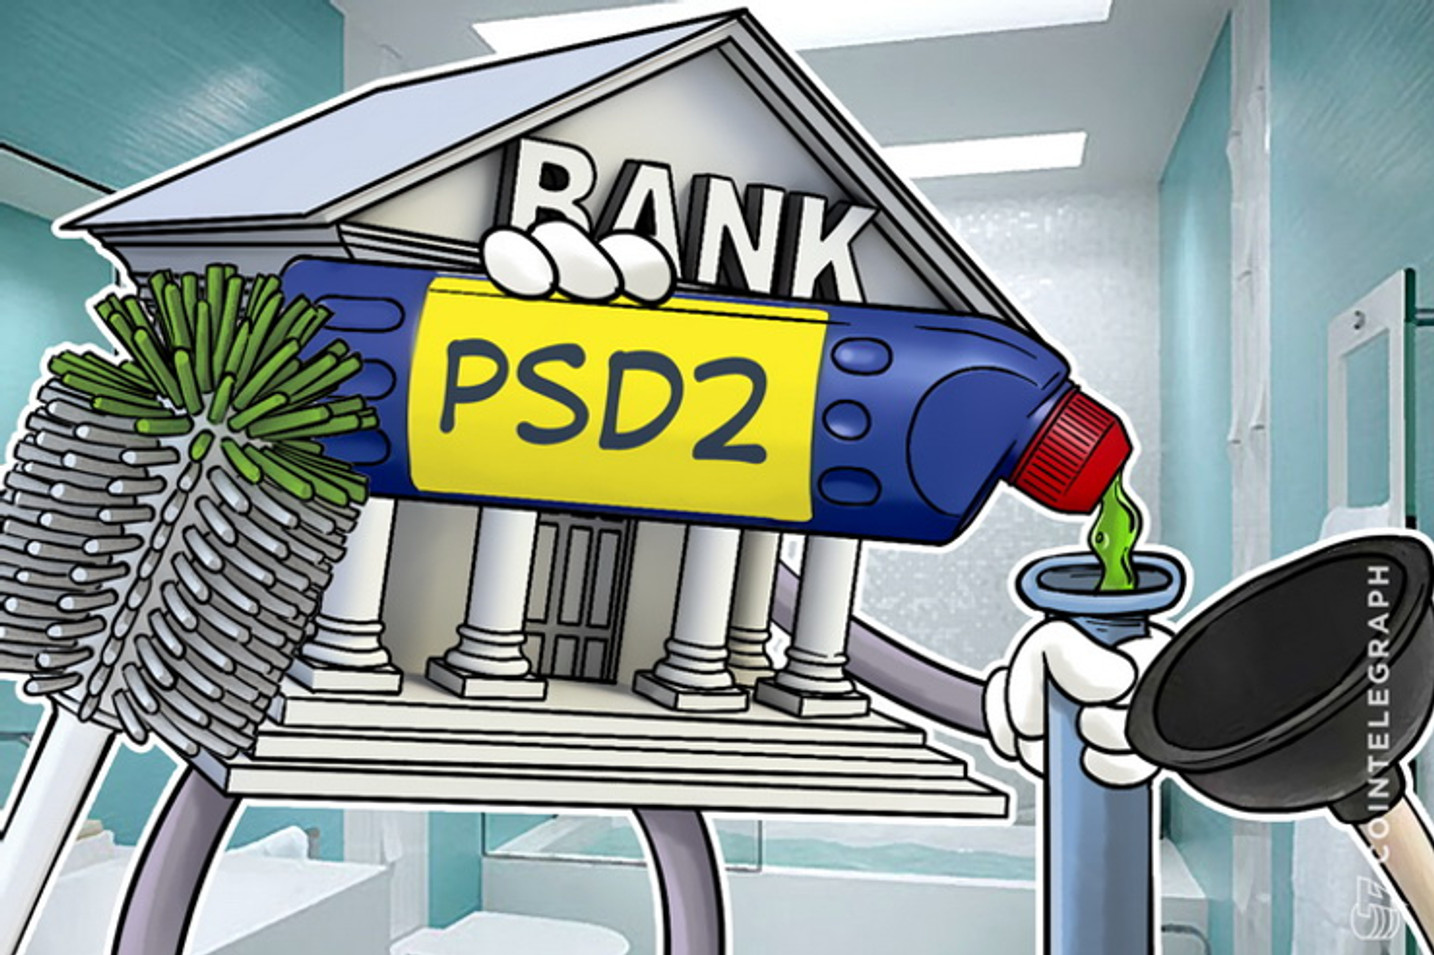 Pagos online en España: Lo que hay que saber sobre la normativa PSD2